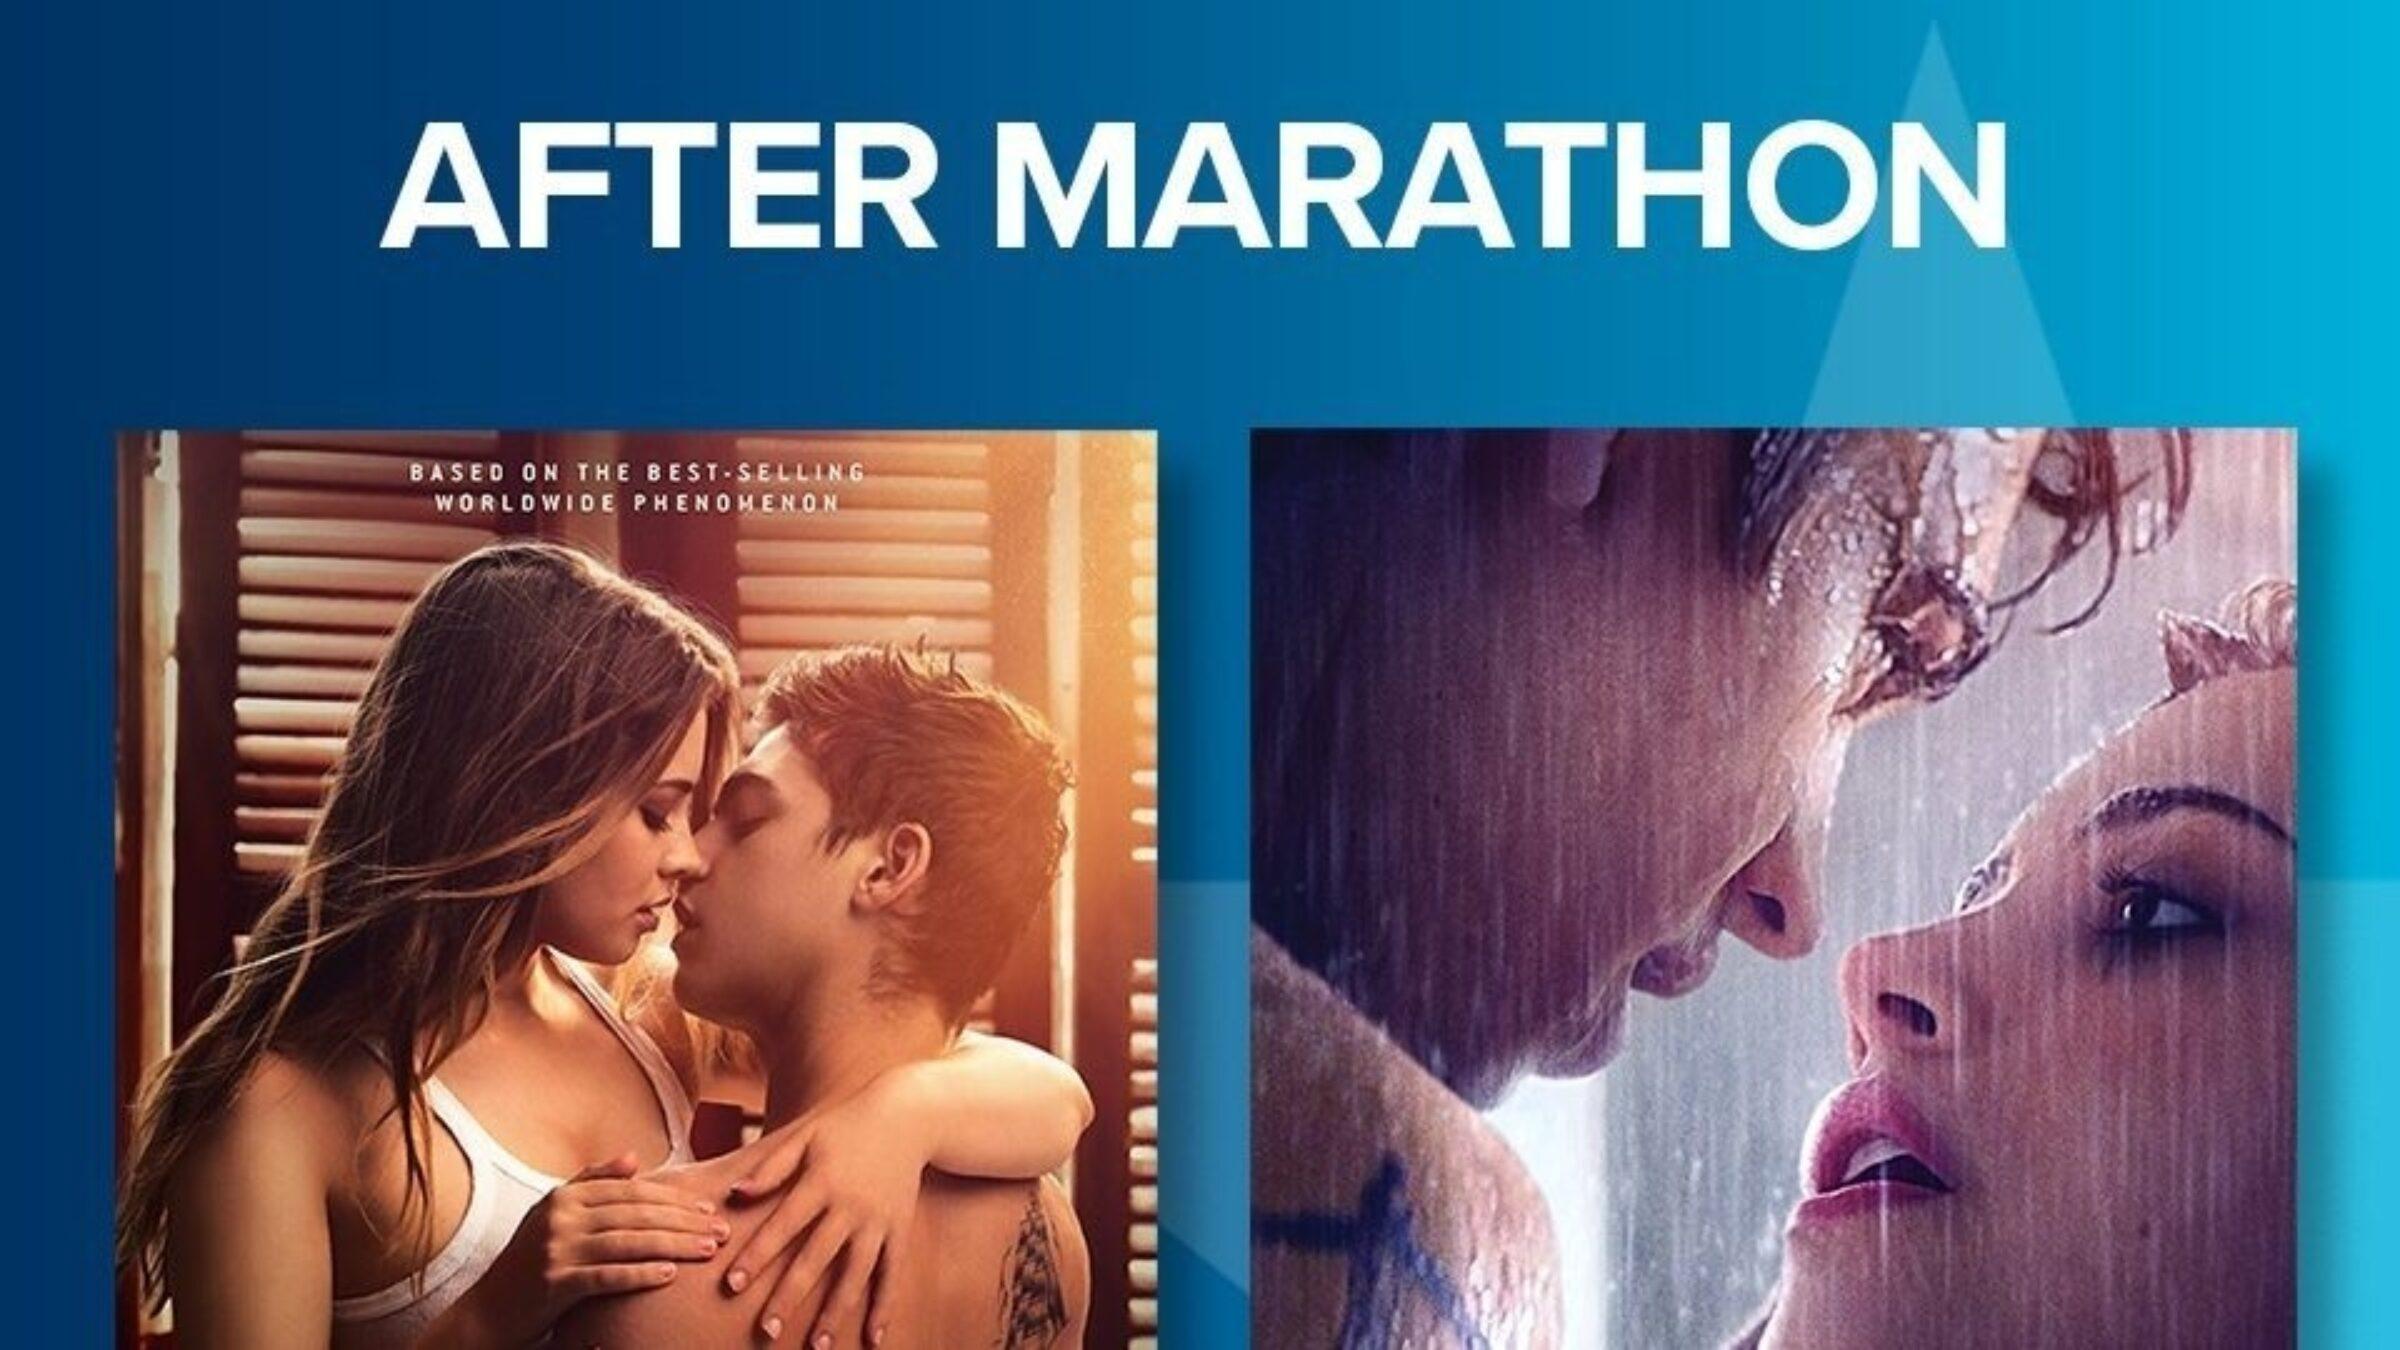 After marathon